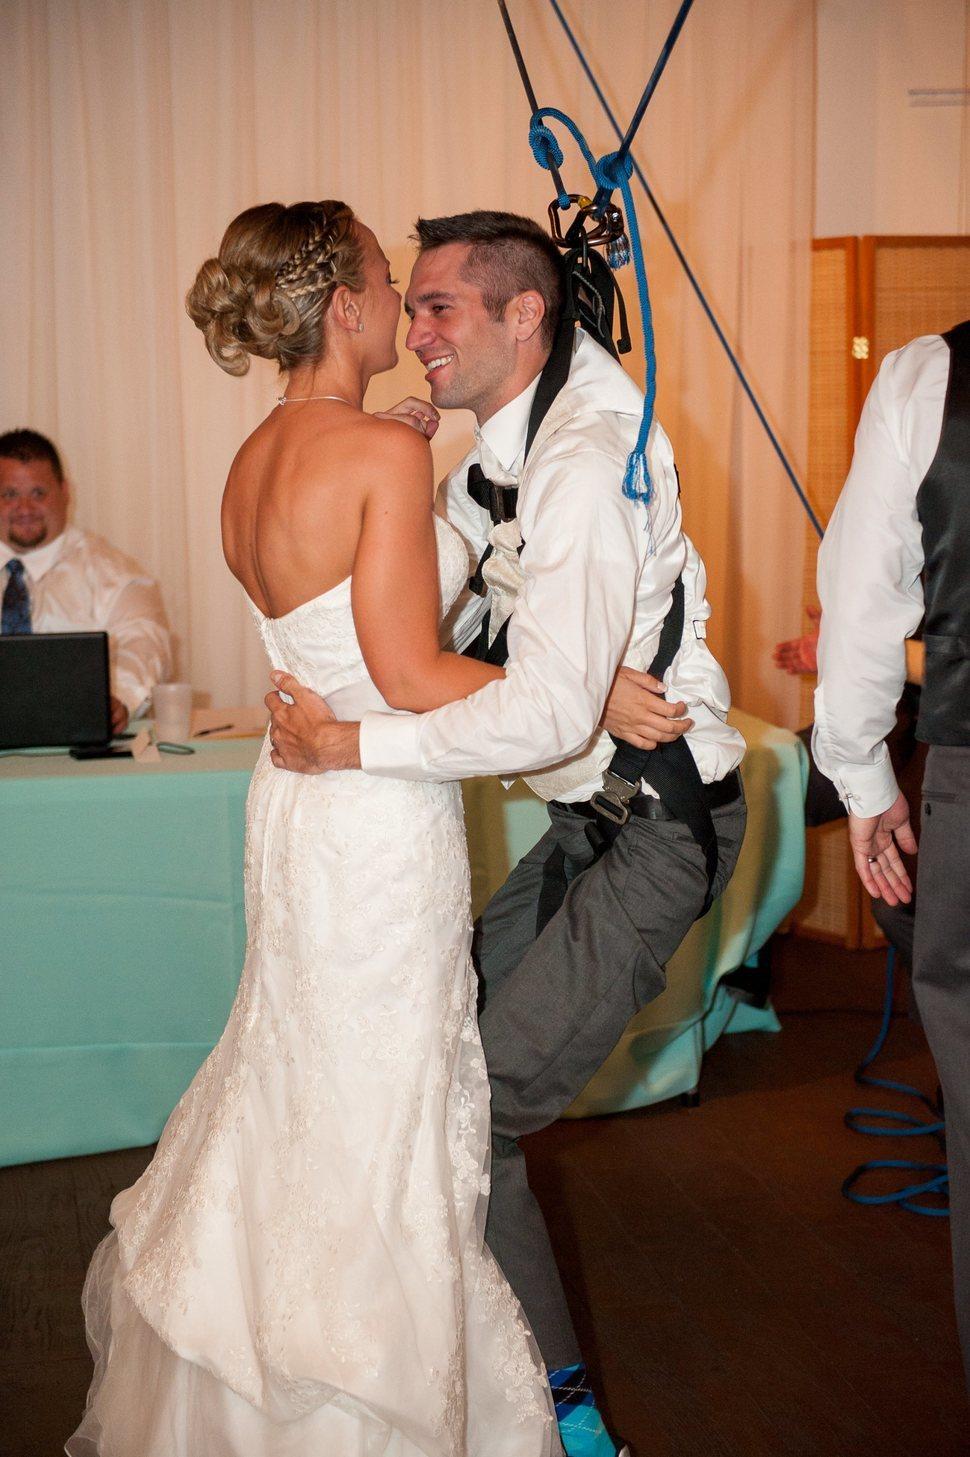 жених ниже невесты